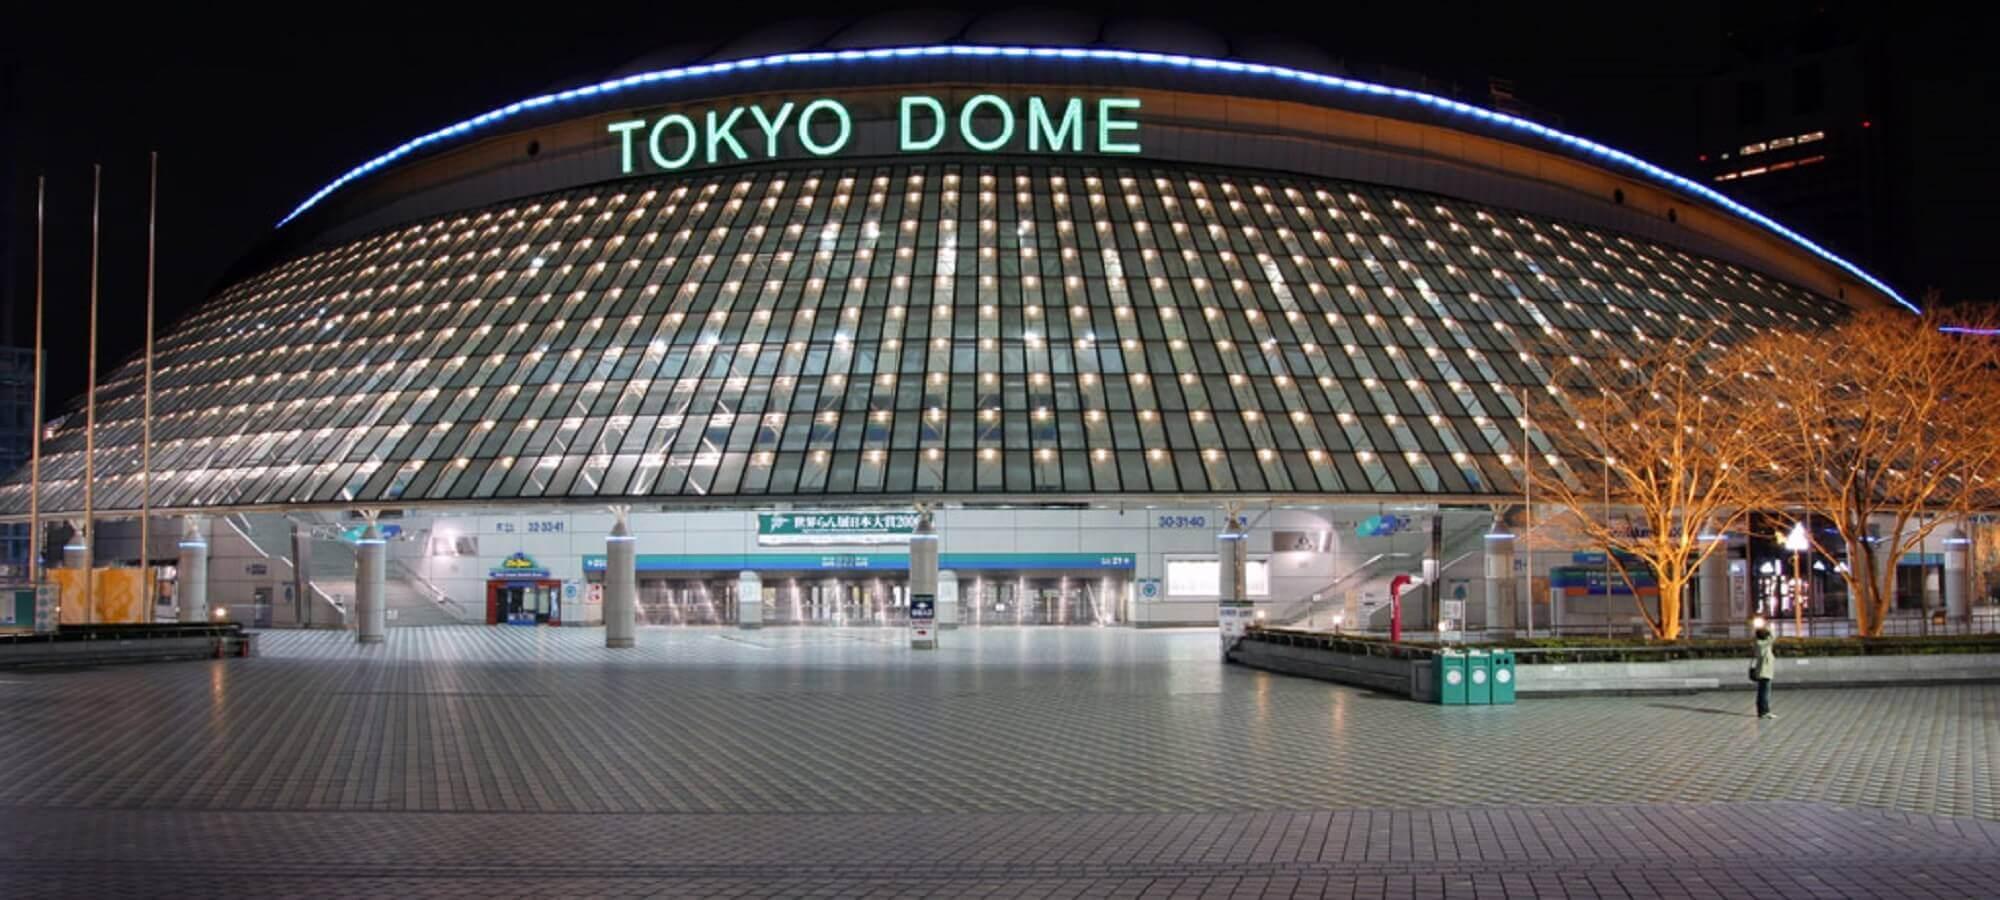 「東京ドーム」の画像検索結果